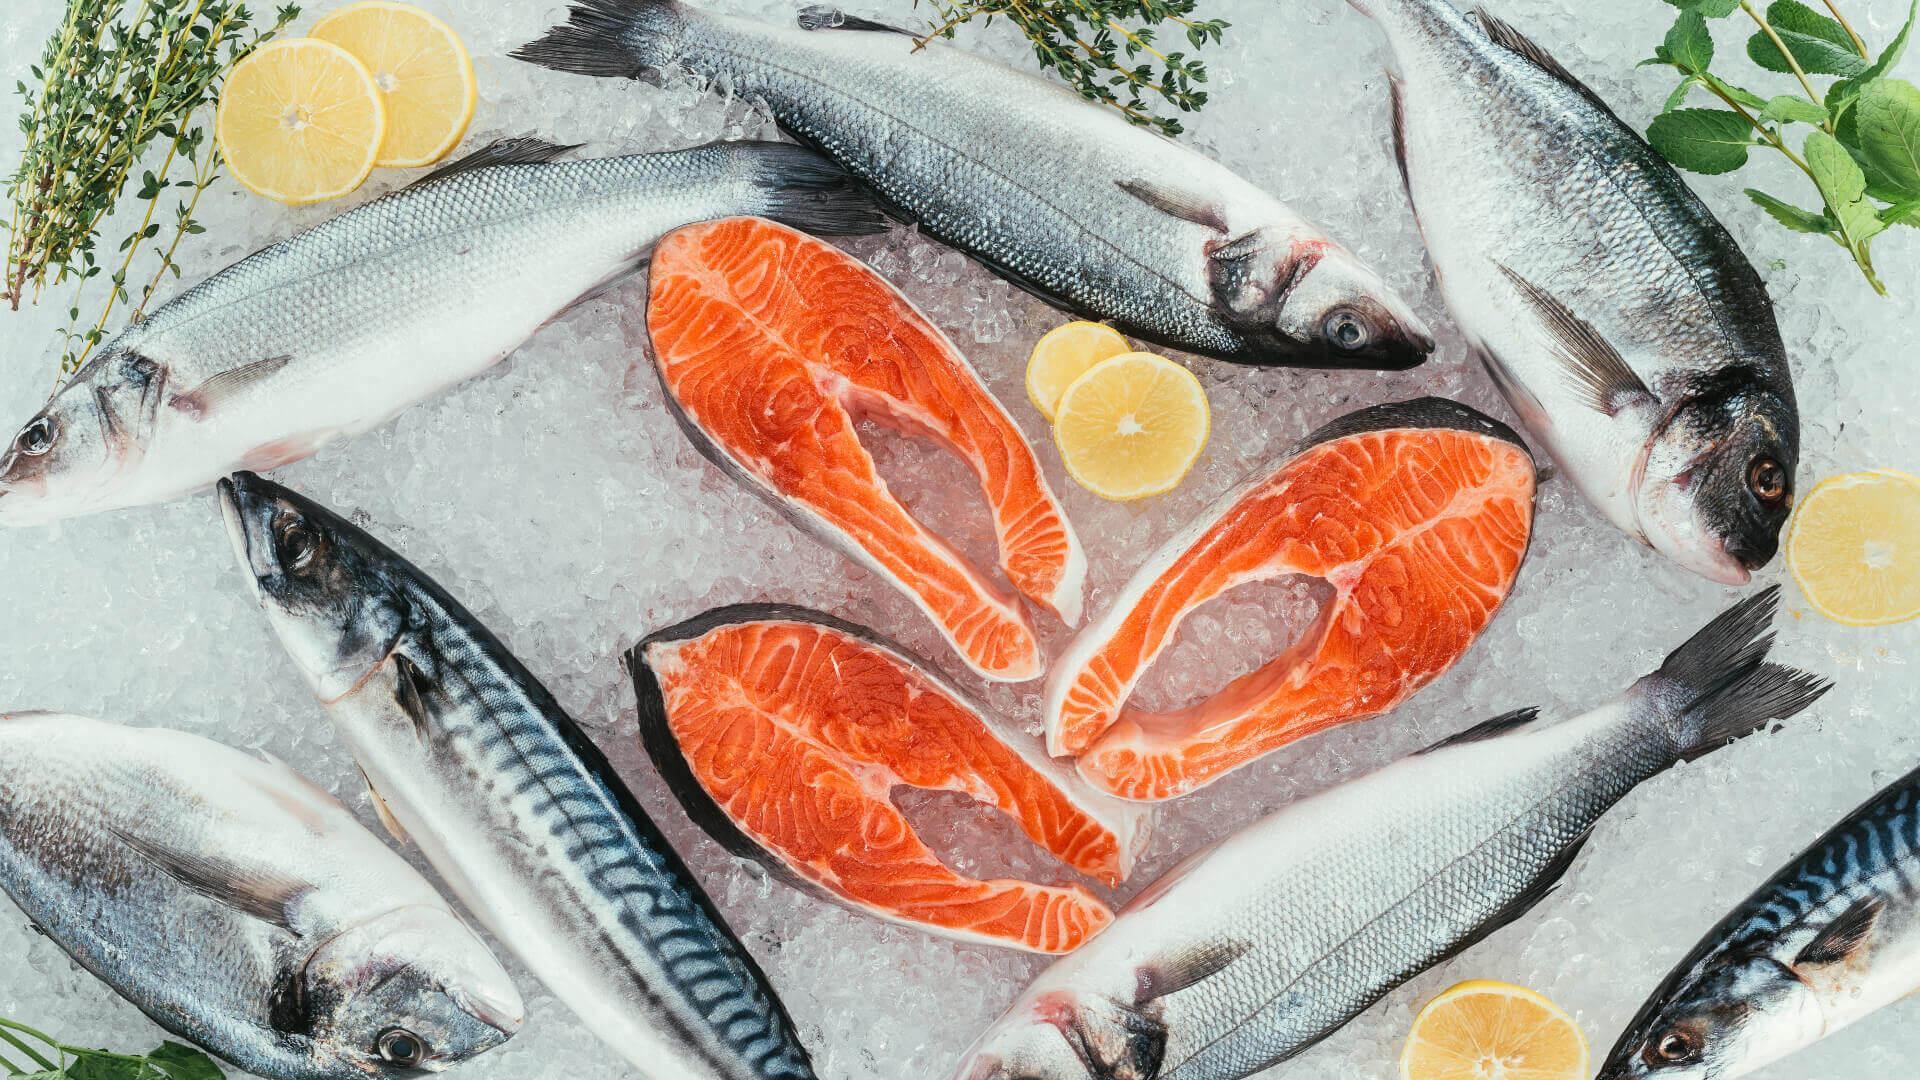 Dlaczego ryby są zdrowe?